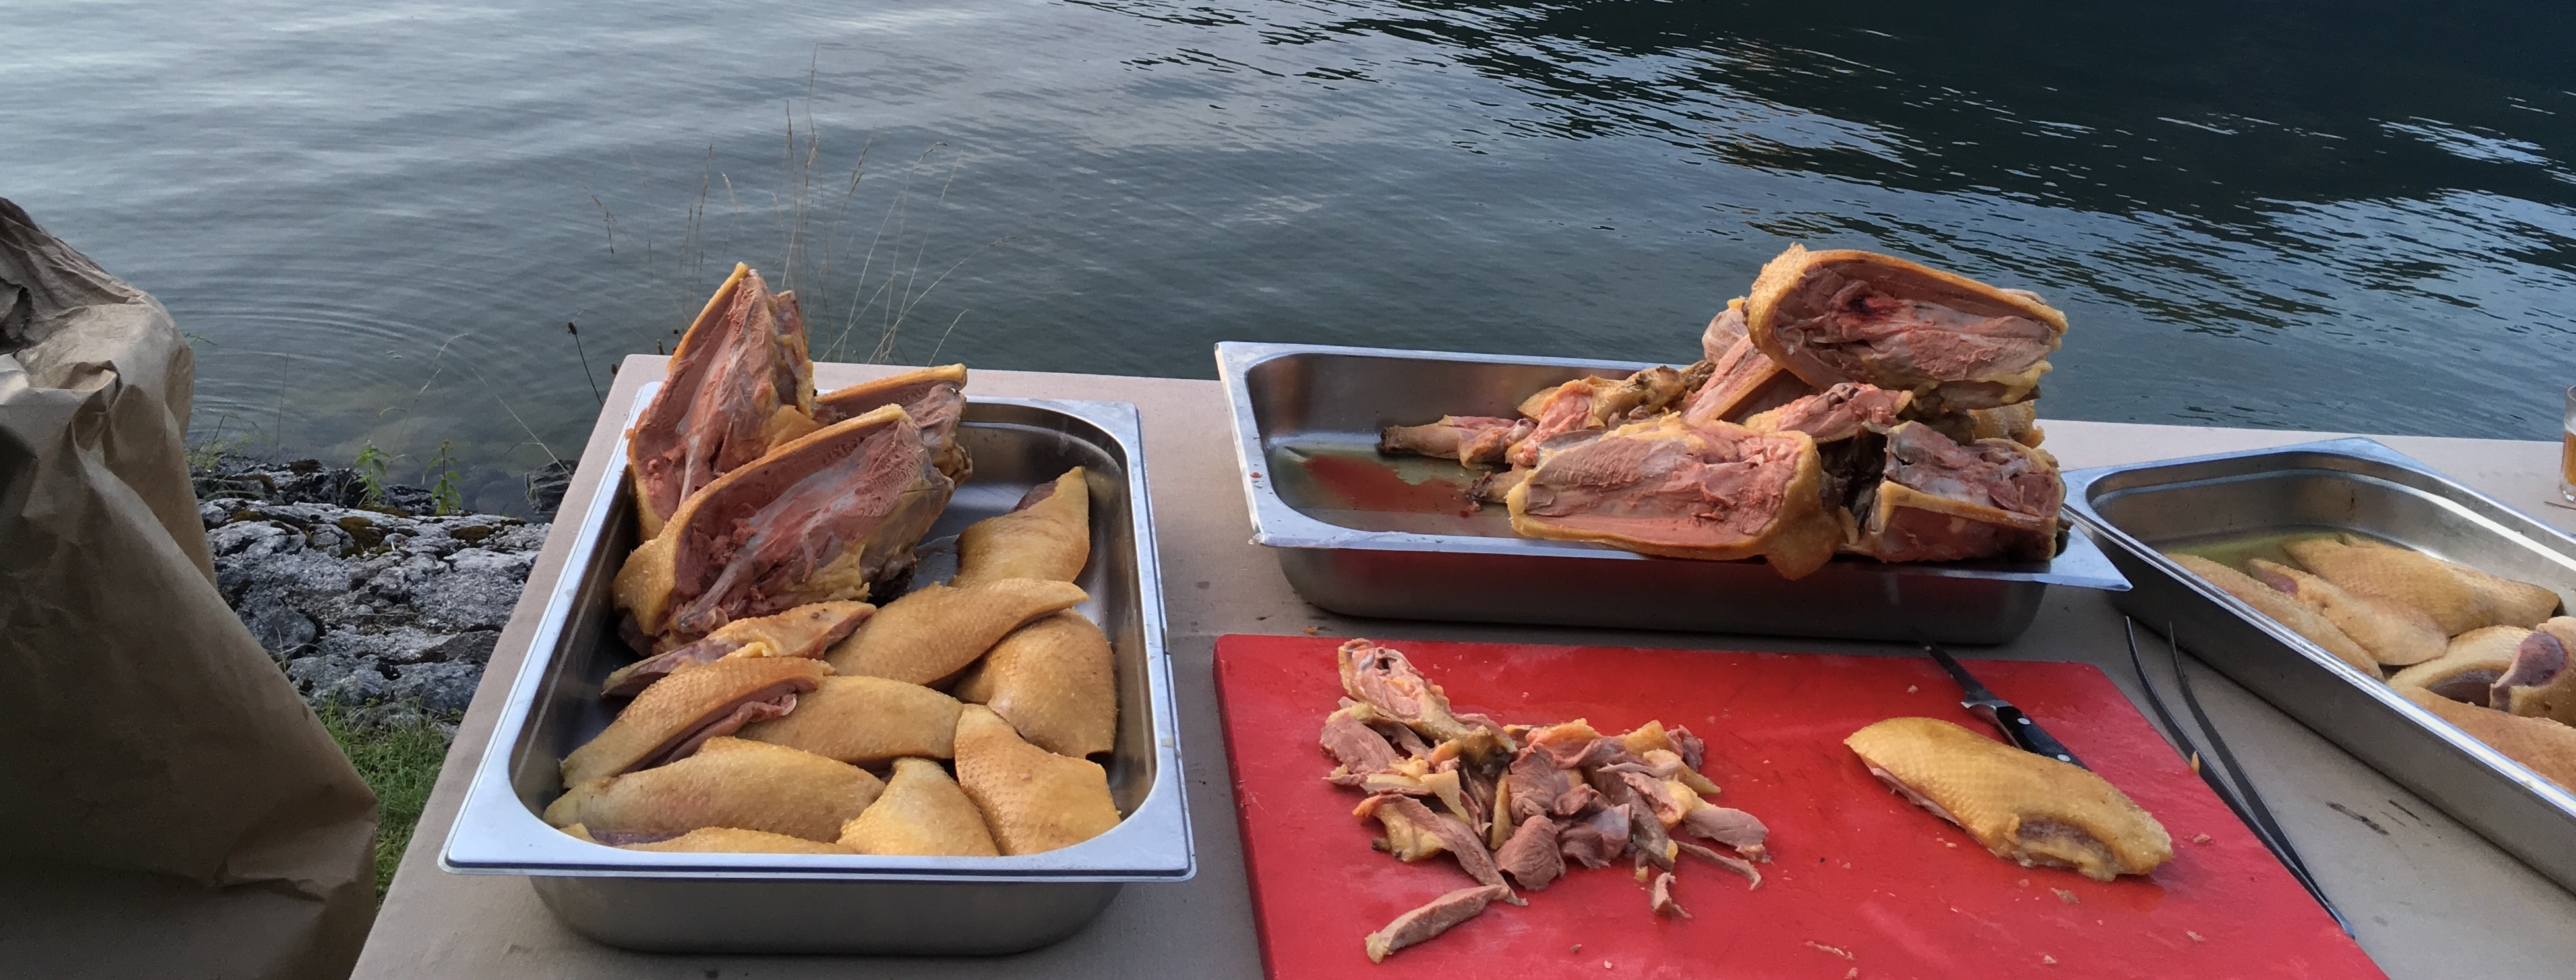 Empfehlungen zum Gansl essen – Gansl, Enten & Puten kaufen in Wien